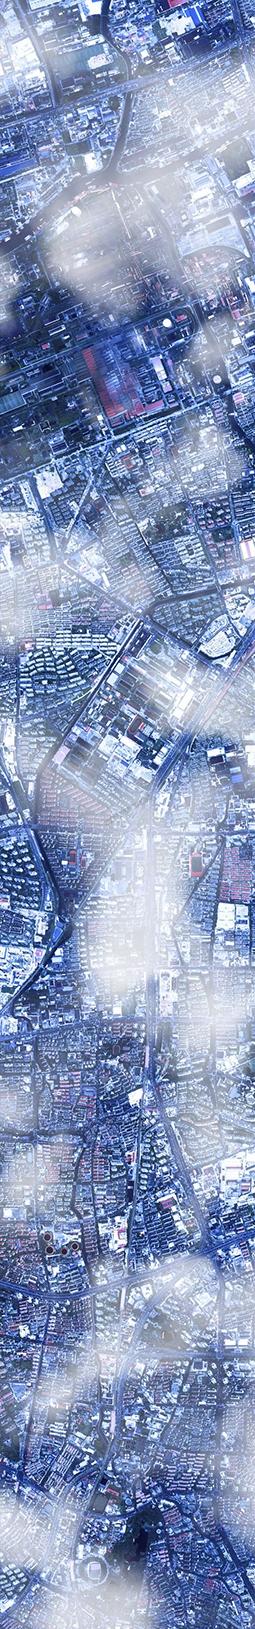 map,earth,satellite,terre,vue du ciel,ville,photo satellite,revêtement sol,revêtement de sol,dalle pvc,tapis pvc,sol pvc,sol pvc imprimé,sol pvc personnalisé,dalle imprimé,tapis sol imprimé,tapis sol 3d,dalle 3d,dalle pvc personnalisé,dalle 3d imprimé,revêtement de sol antidérapant,revêtement de sol pvc brillant,revêtement de sol brillant,revêtement de sol pvc brillant antidérapant,sol personnalisé,sol imprimé,sol 3d,sol vinyle,sol vinyle personnalisé,revetement de sol imprimé,revêtement de sol personnalisé,revêtement de sol earth,revêtement sol autocollant,revêtement de sol trompe l'œil,revêtement de sol ignifugé,revêtement de sol autocollant,décoration d'intérieur,revêtement sol personnalisé,revêtement sol ville,revêtement sol paysage ville,revêtement sol 3D,revêtement sol trompe l'œil,revêtement sol PVC,revêtement sol vinyle autocollant,revêtement sol vinyle auto-adhésif,revêtement de sol,revêtement de sol PVC,revêtement de sol vinyle auto-adhésif,tapis 3d